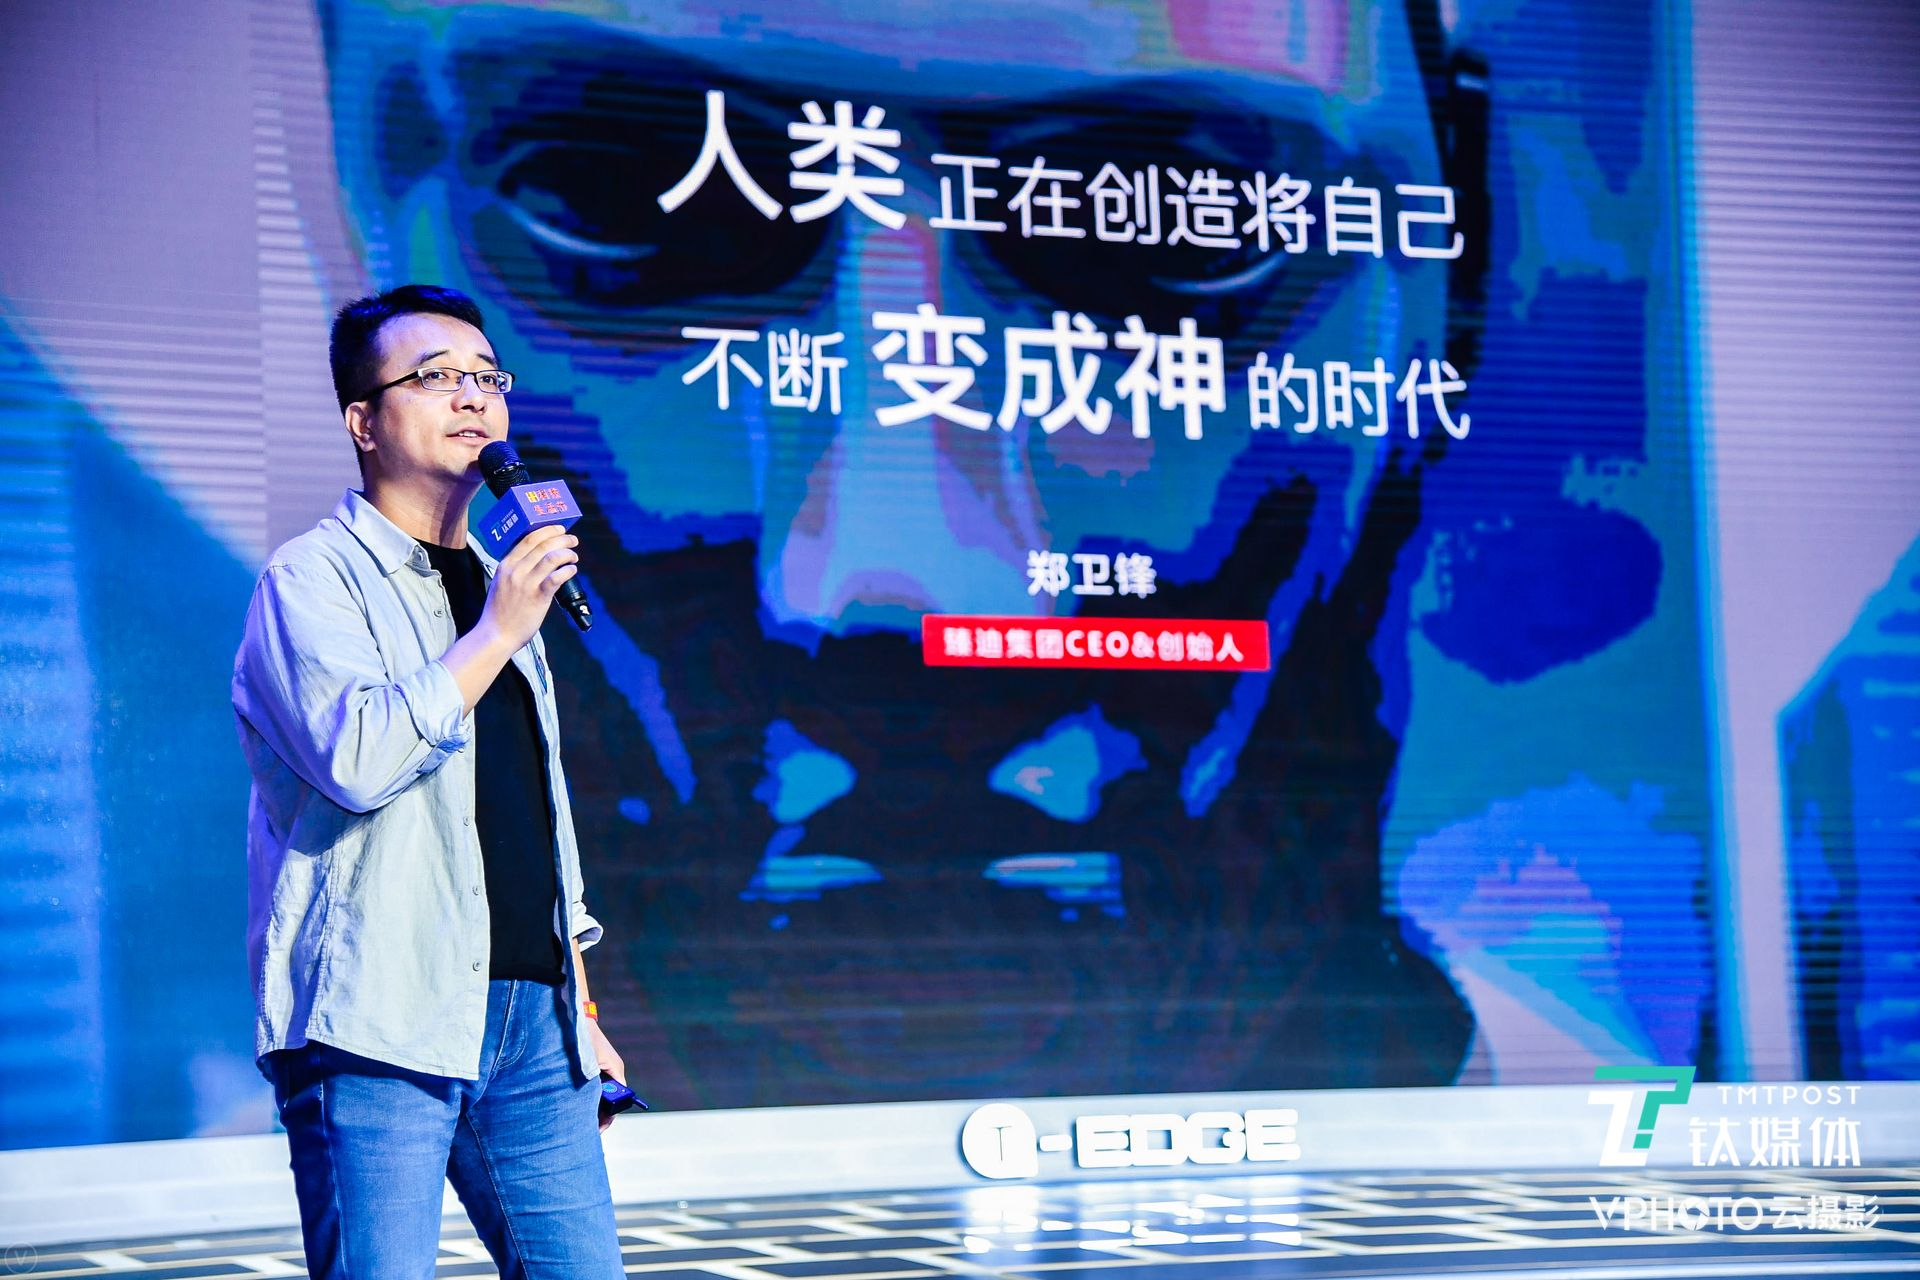 臻迪创始人郑卫锋:人类正在创造将自己不断变成神的AI时代   科技生活节